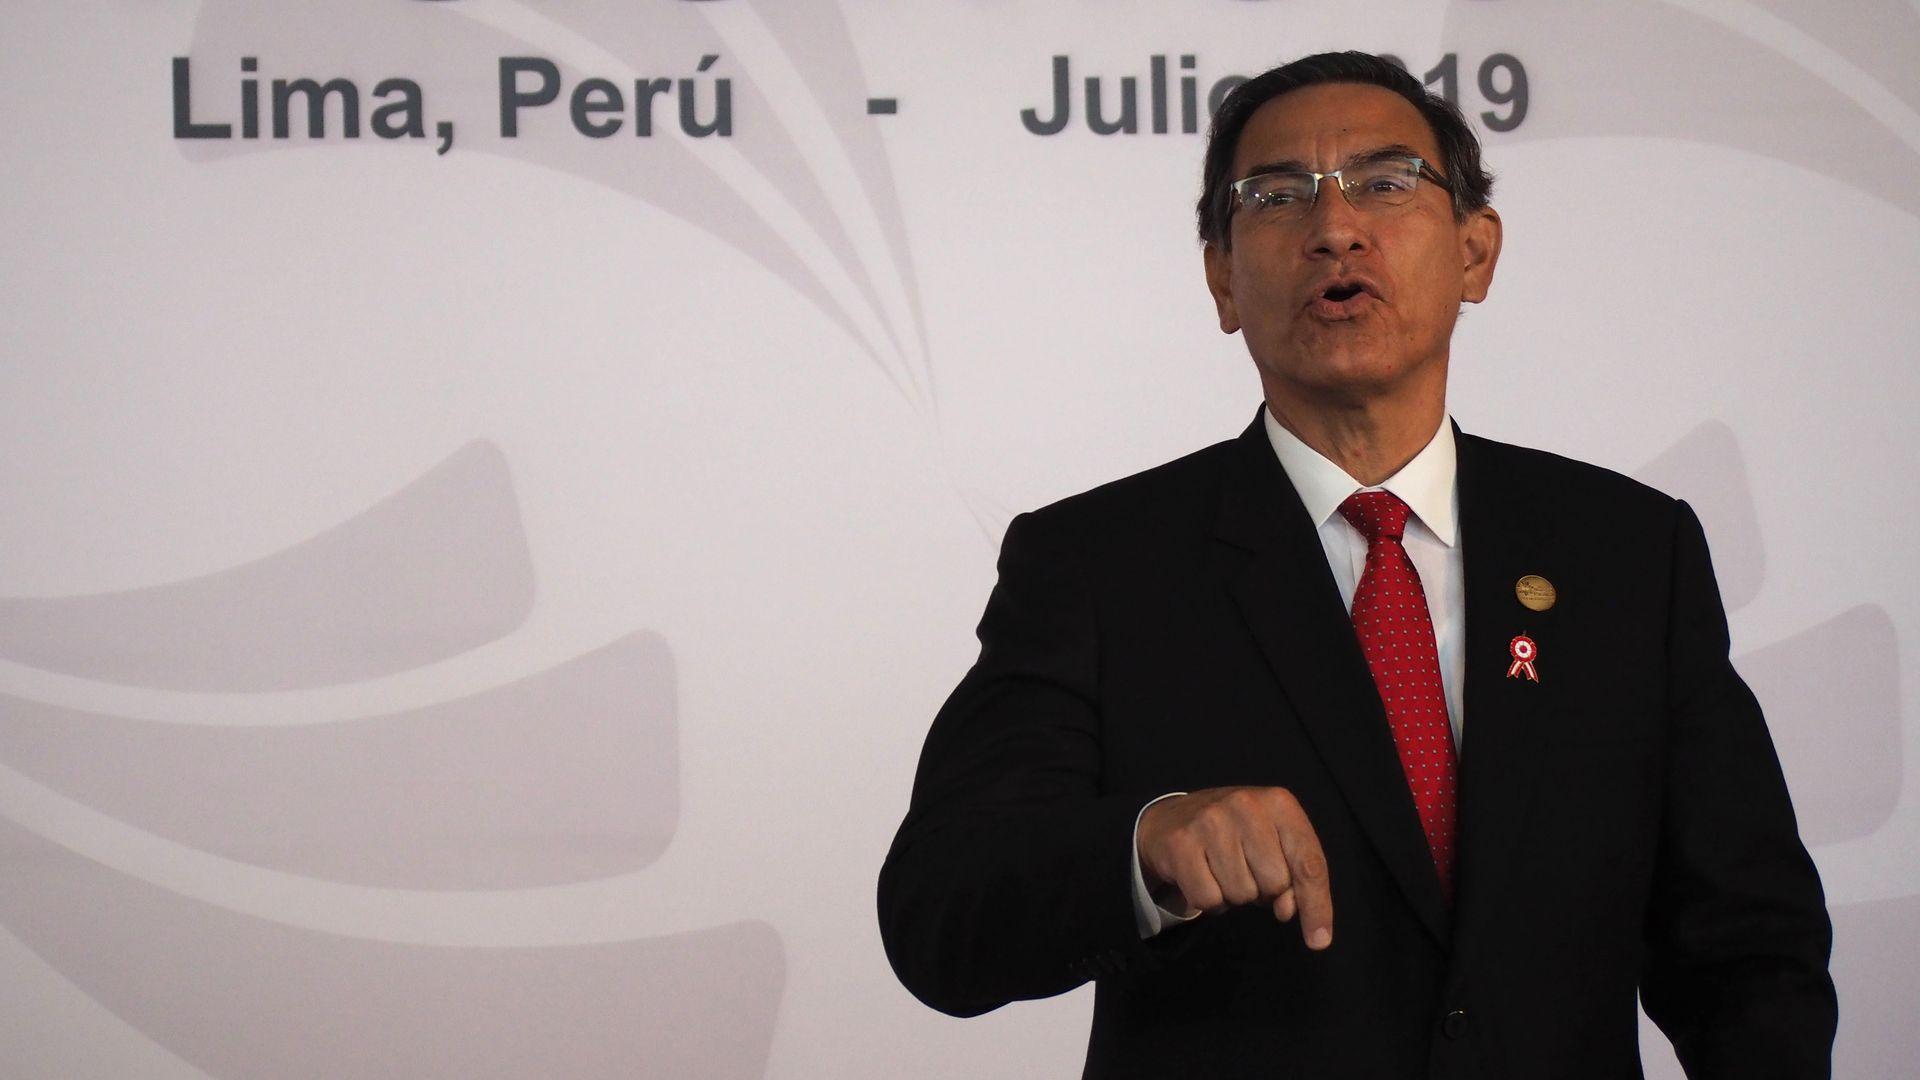 Martín Vizcarra speaking on stage